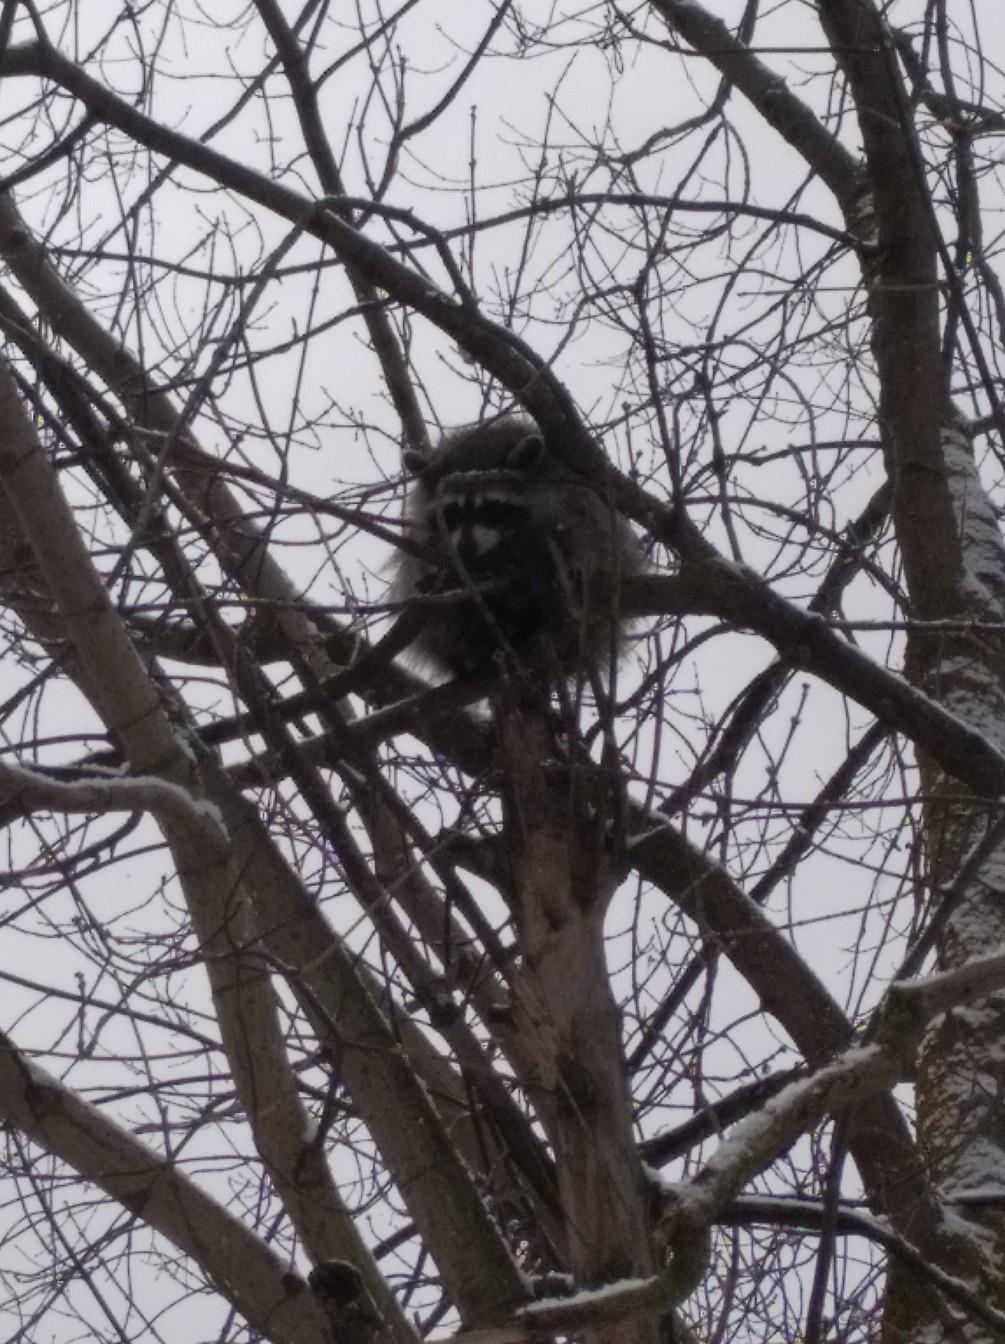 В Ярославле сбежавший енот спасался на дереве от ворон